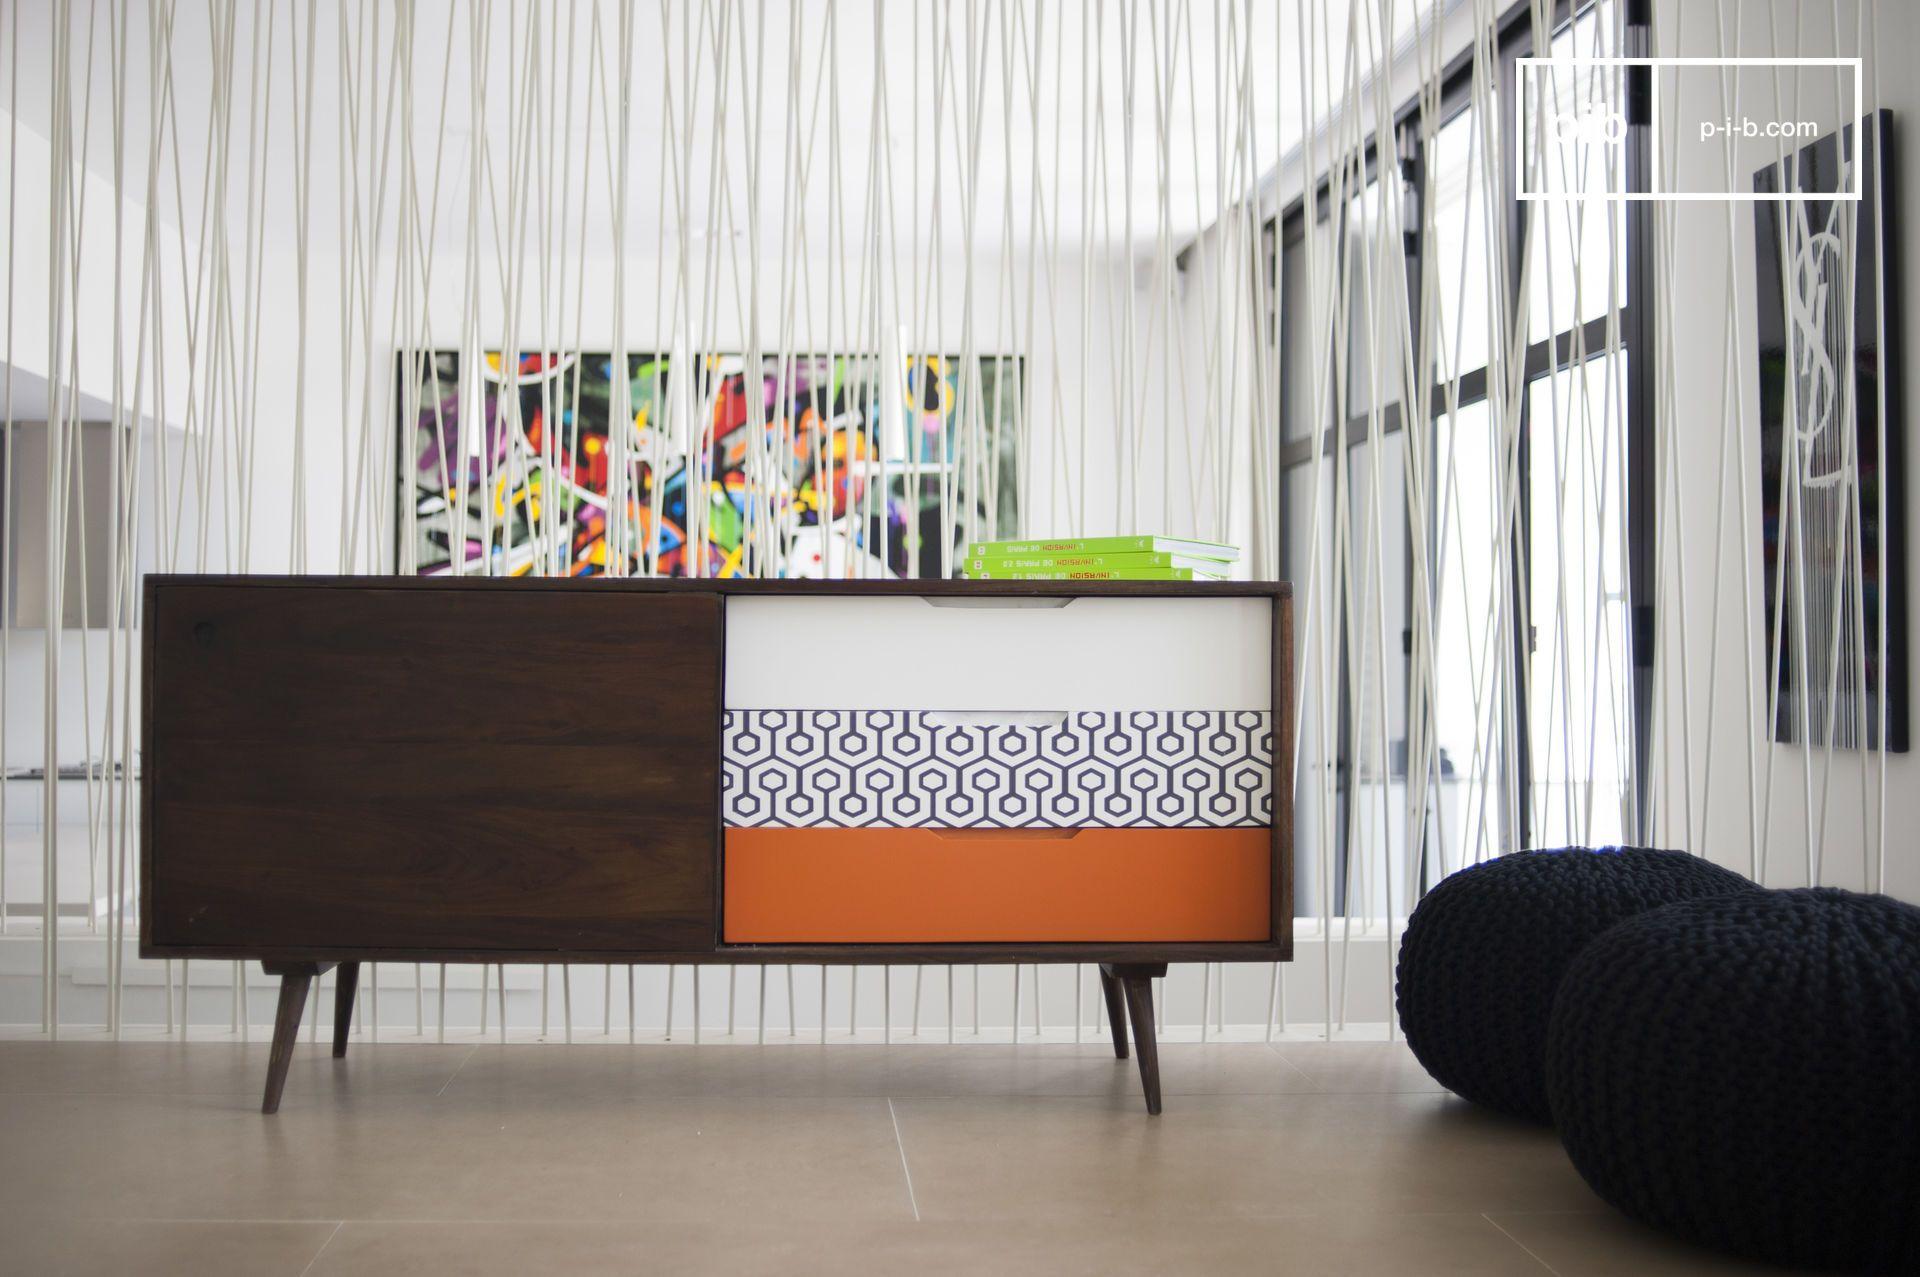 Das Sideboard Londress erinnert mit seinem natürlichen Holz, seinen eleganten Formen und seinen schönen Beinen an den typischen Stil der skandinavischen Möbel. In einem Eingangsbereich kann das Möbel als Konsole, in einem Schlafzimmer als Kommode und im Wohnzimmer als Möbel für die Stereoanlage dienen.